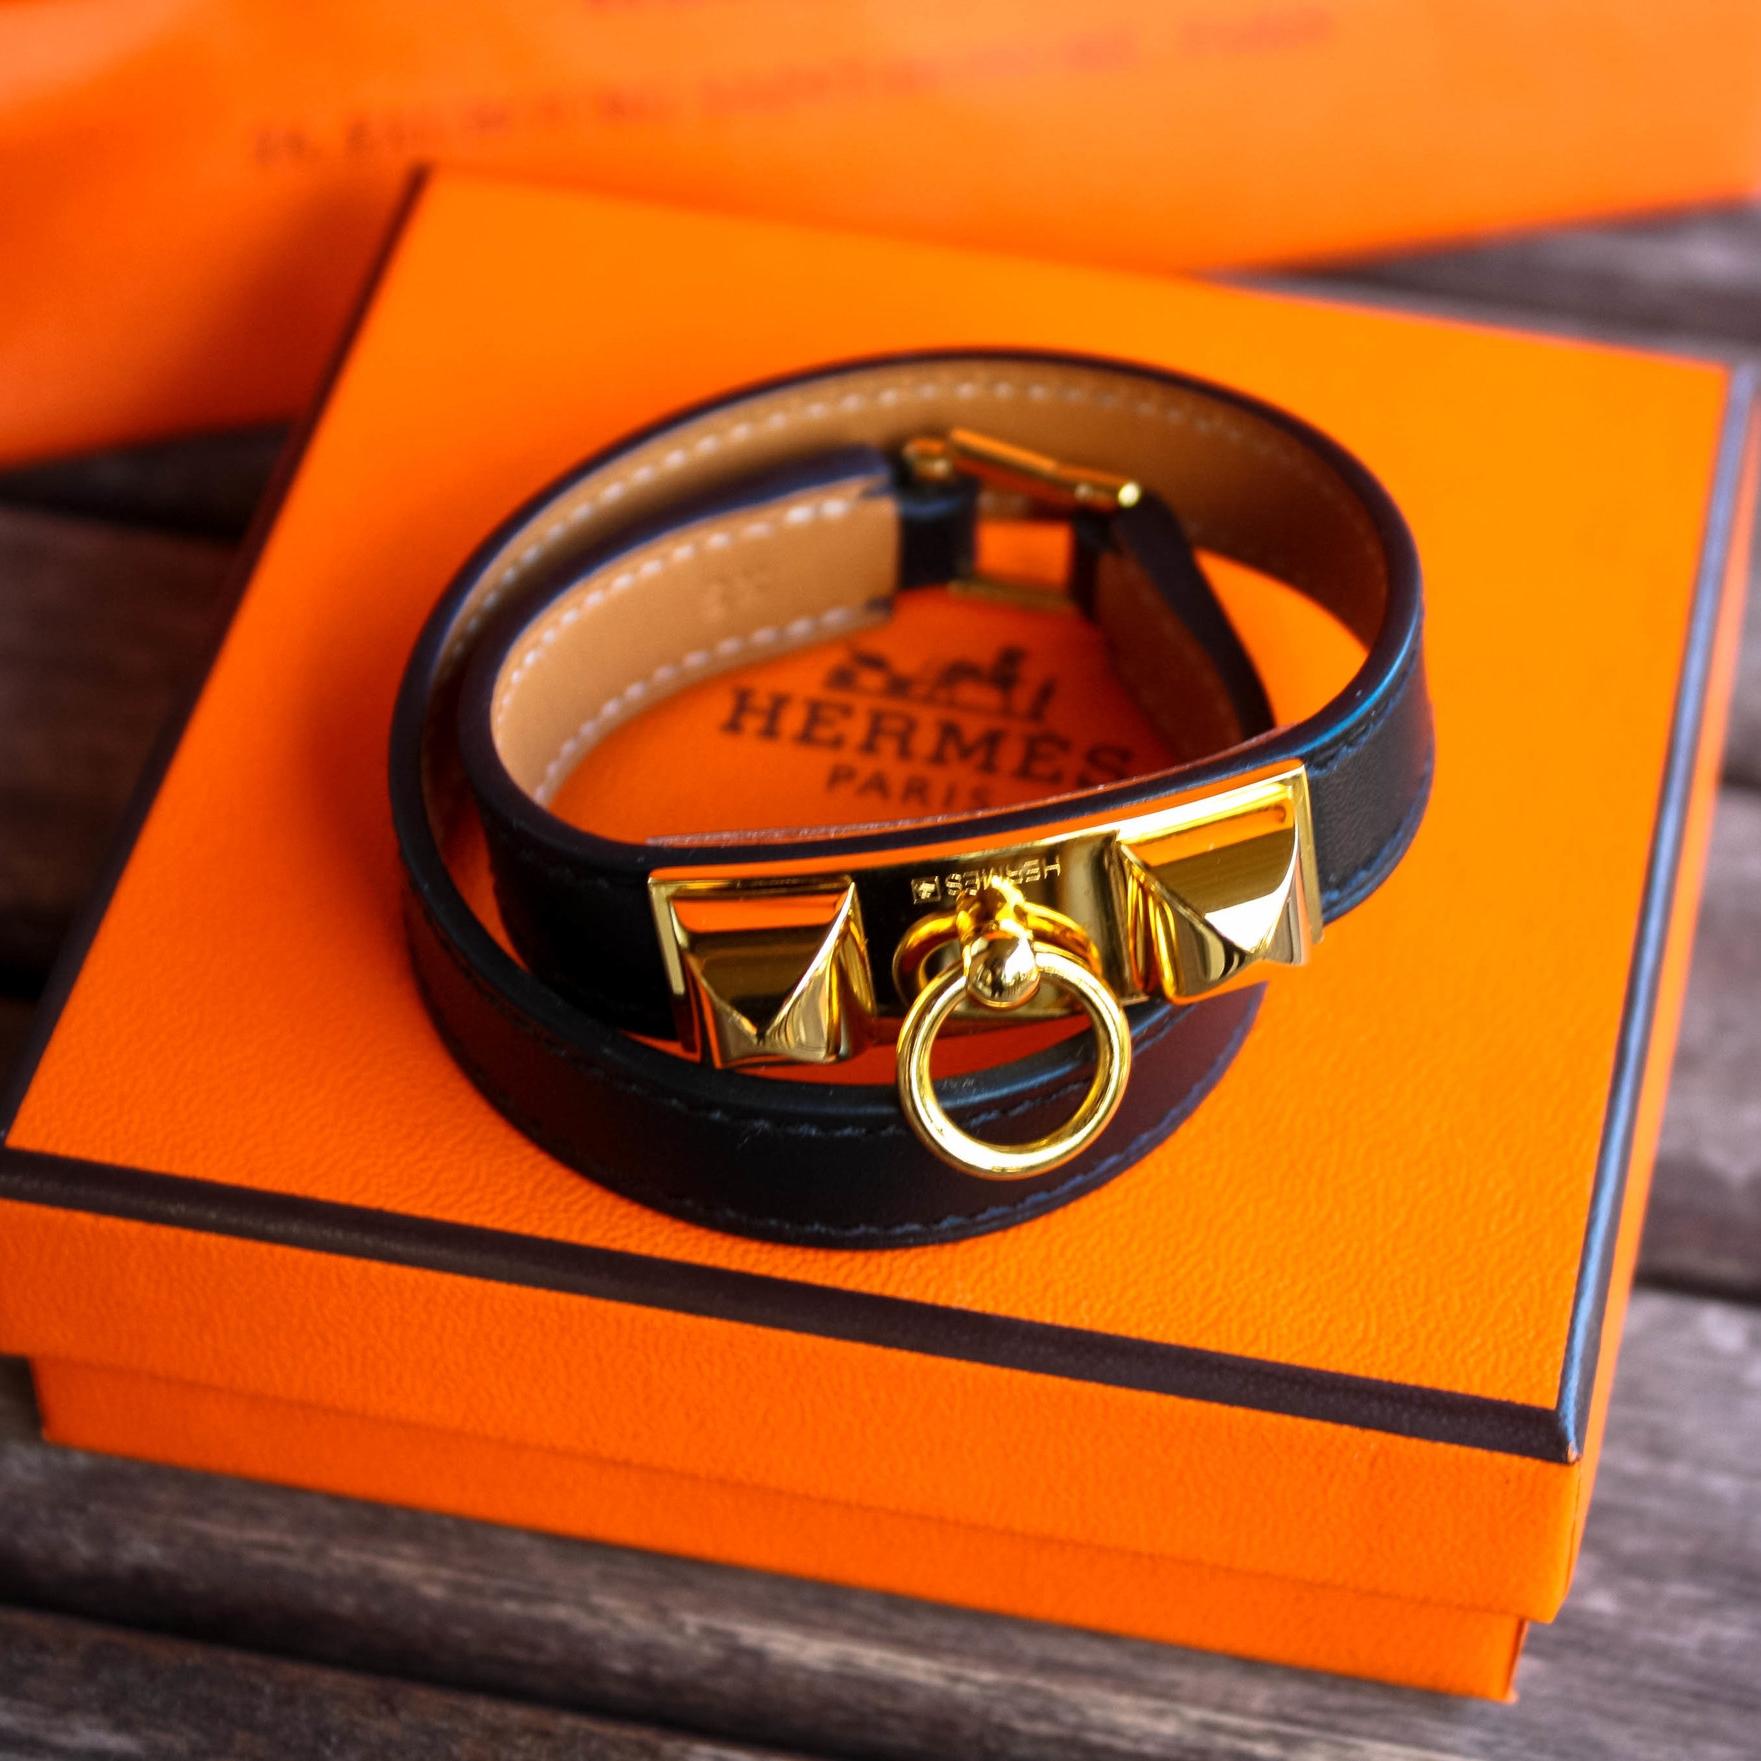 hermes-rivale-bracelet-1-of-1.jpg